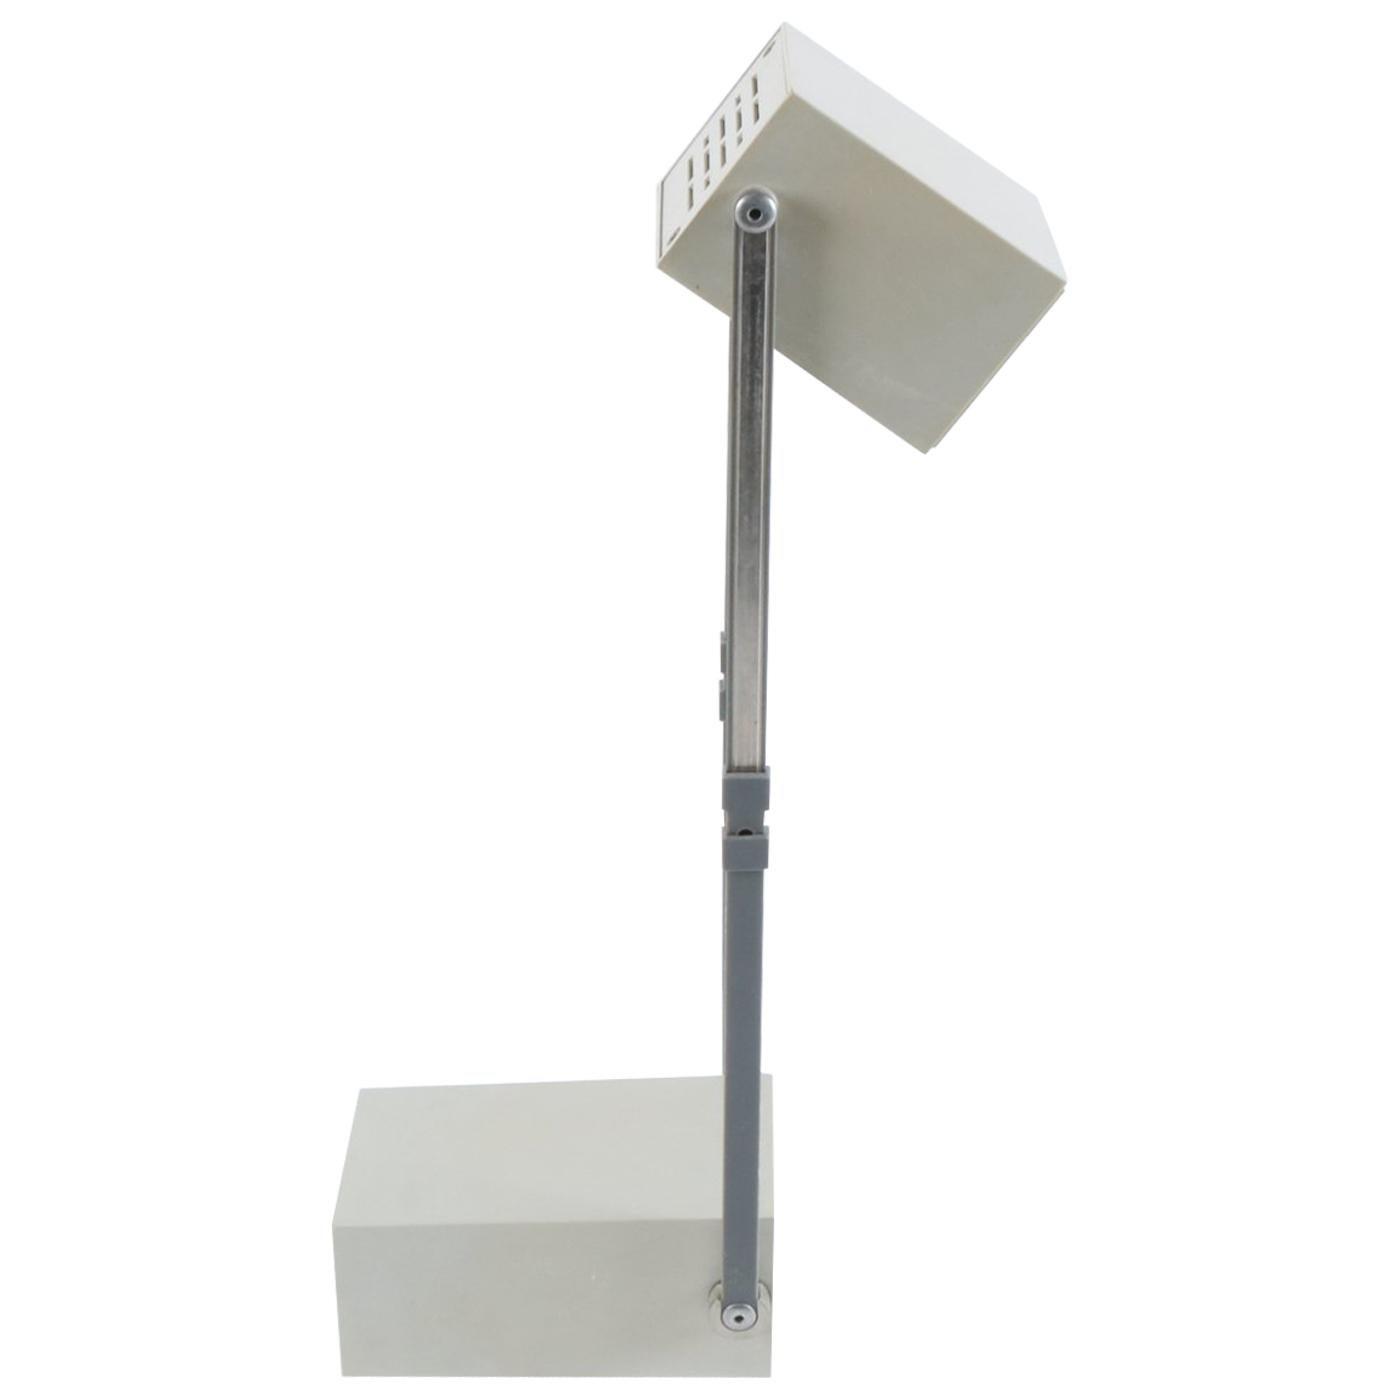 Verner Panton for Louis Poulsen Lampetit Lamp